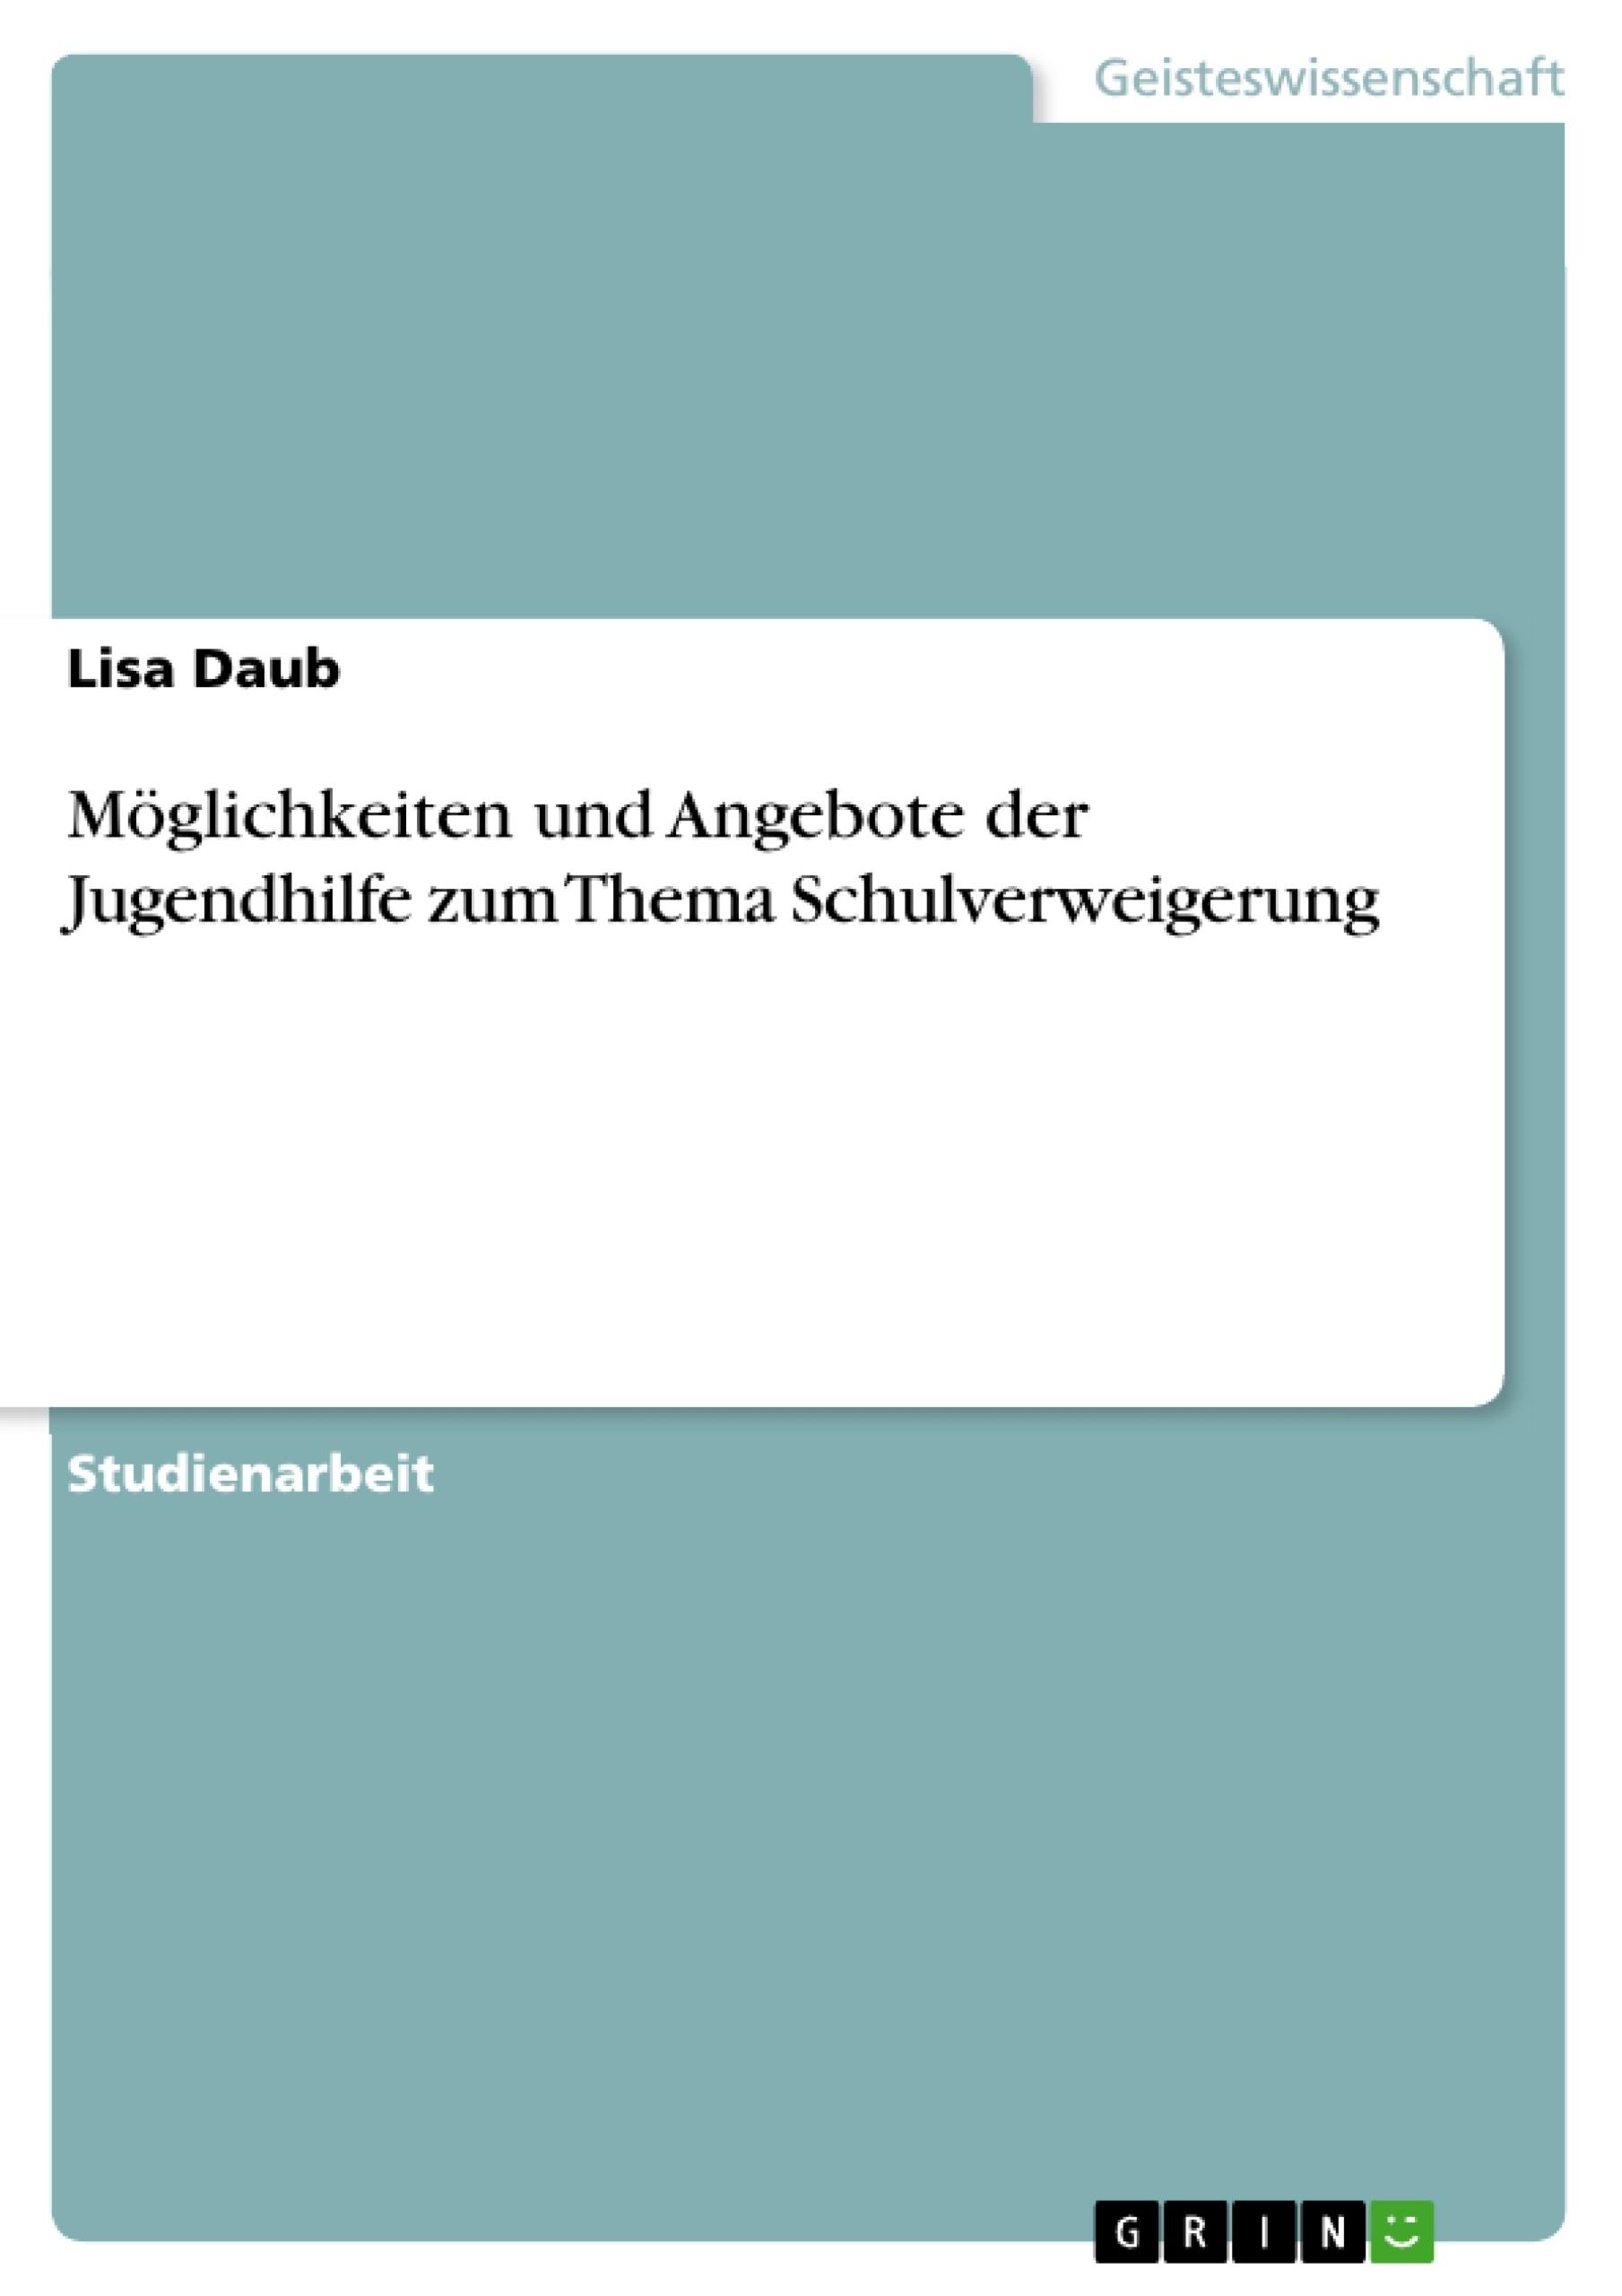 Titel: Möglichkeiten und Angebote der Jugendhilfe zum Thema Schulverweigerung